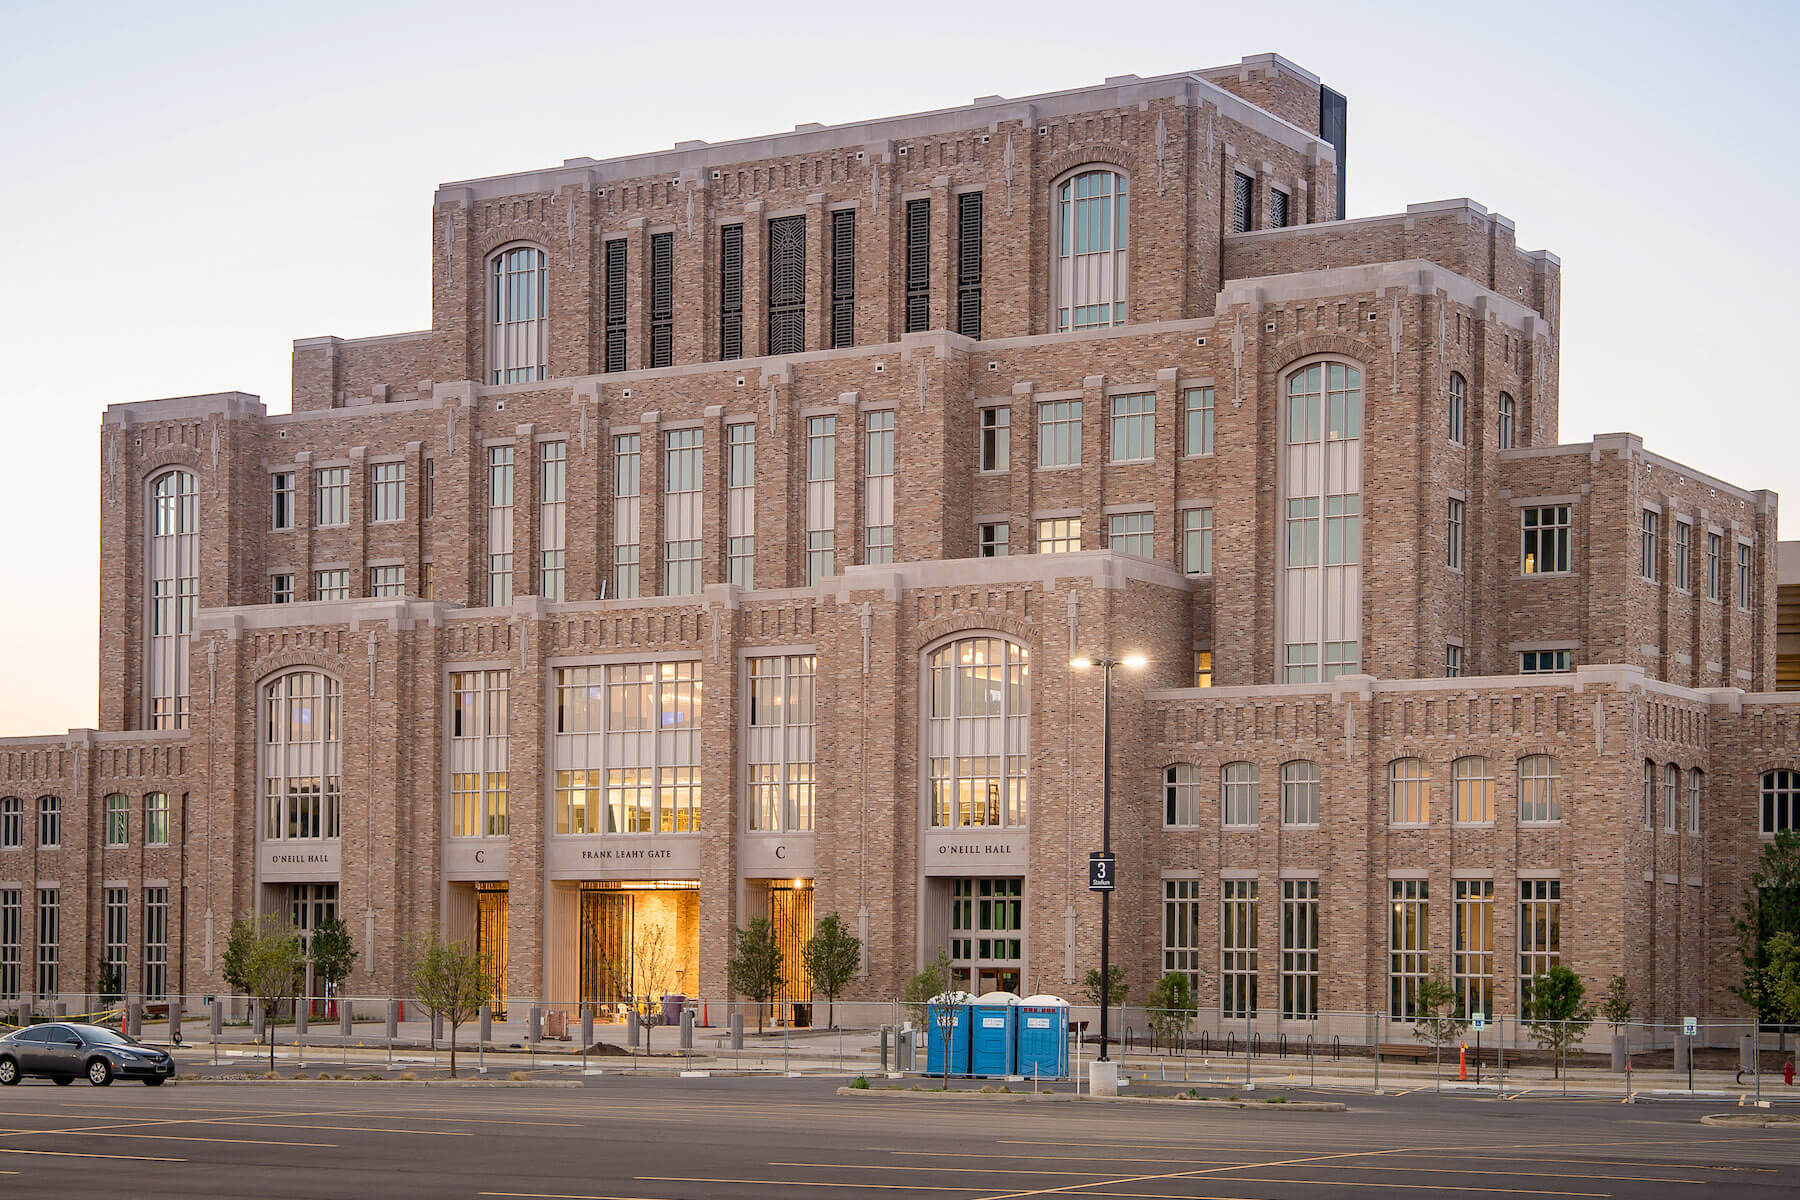 The exterior of O'Neill Hall